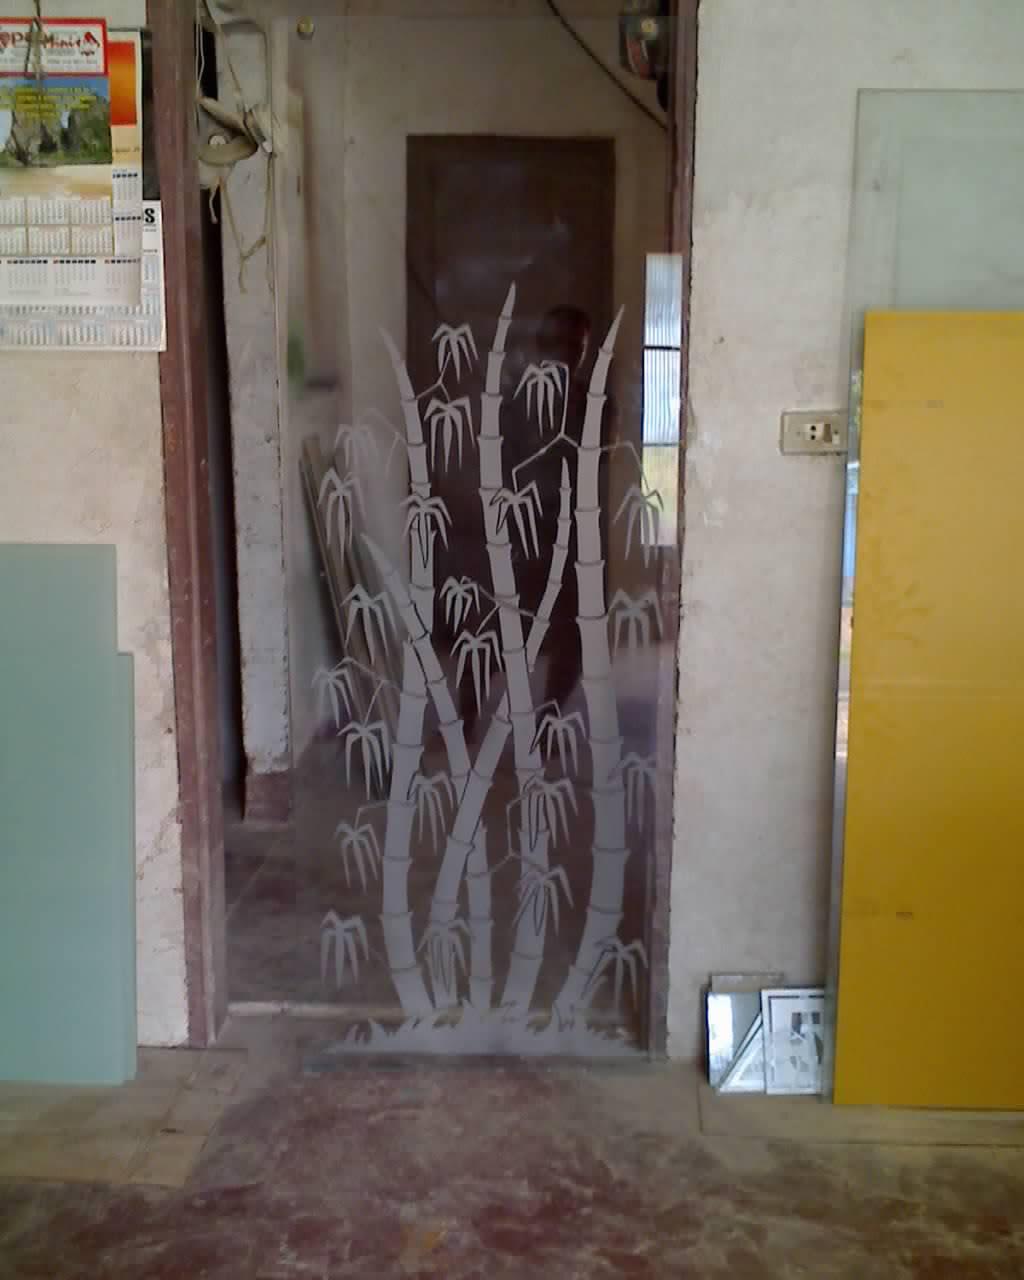 Imagens de #80692E Adesivo decorativo box banheiro/Jateado/ Bauru 1024x1280 px 2758 Box Banheiro Olx